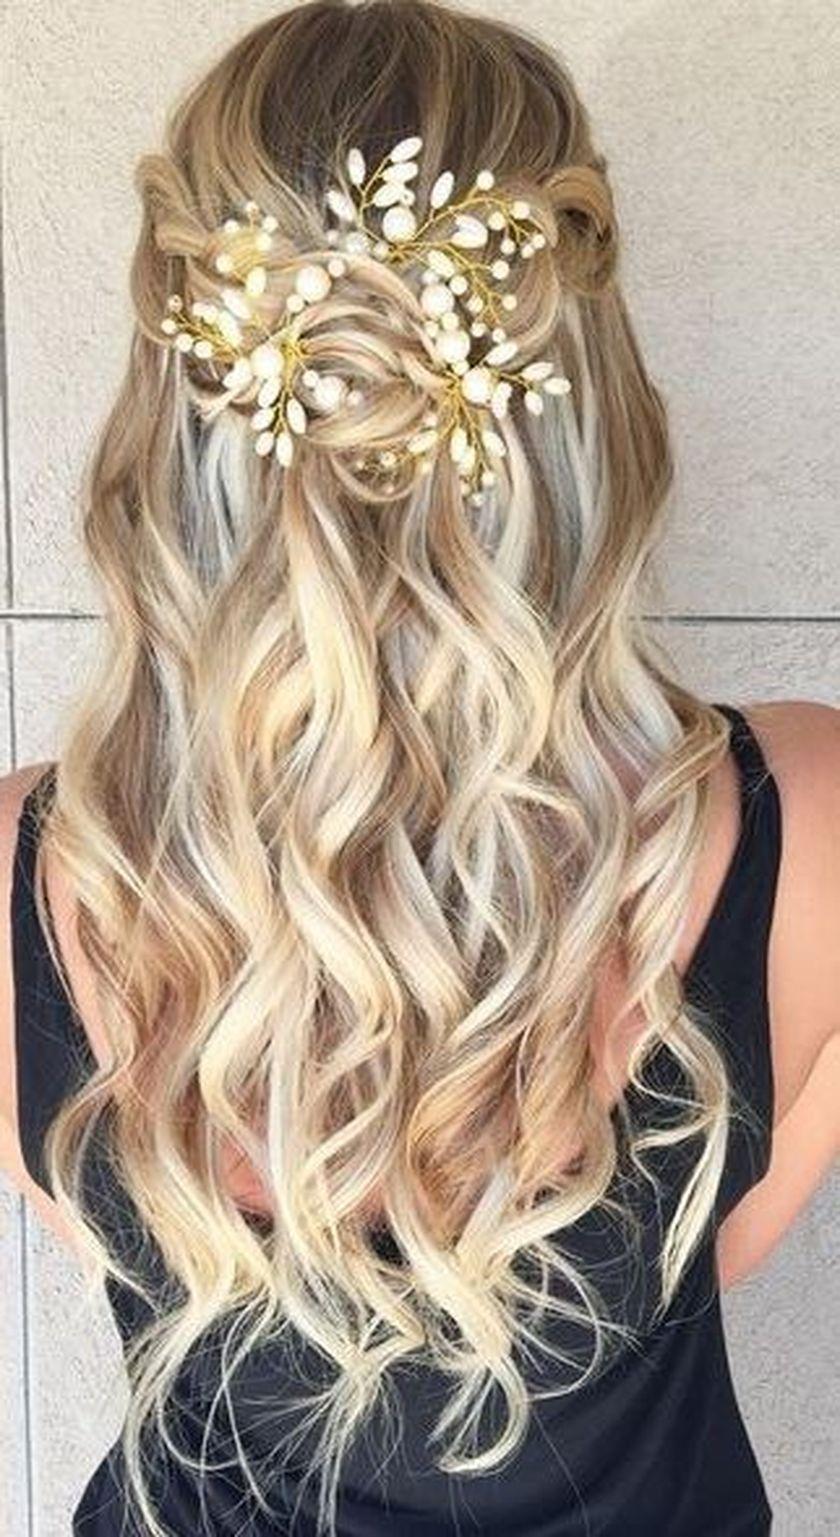 41 Pretty Hairstyle Ideas For Prom Night Ideas De Cabello Largo Peinados De Gala Inspiracion De Cabello